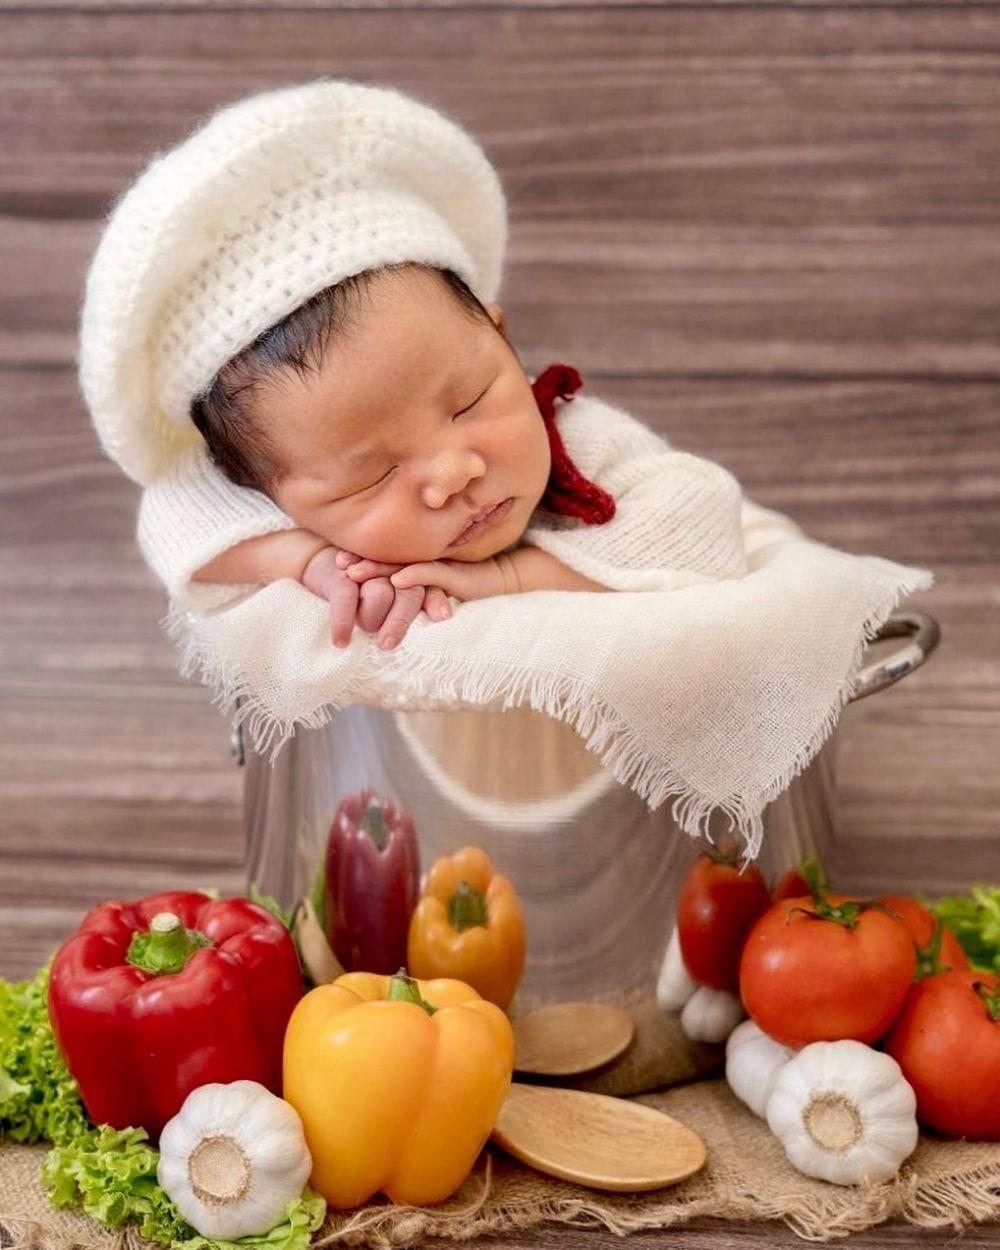 newborn putra arnold © 2019 brilio.net